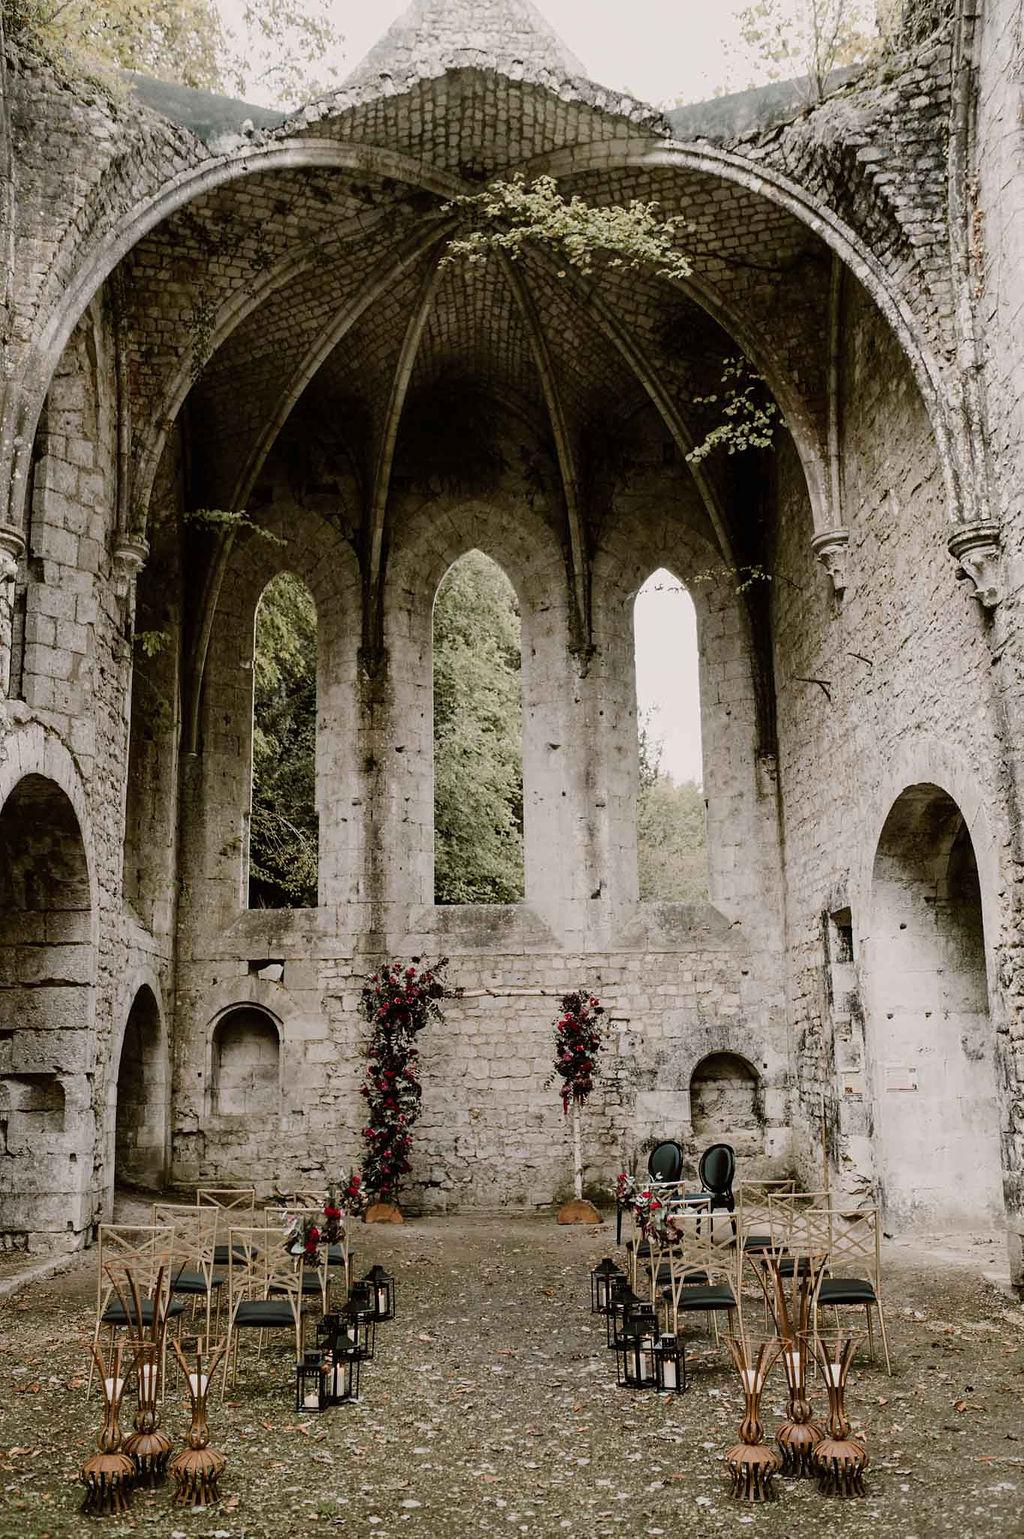 ceremonie laique en exterieur à l'abbaye de Fontaine Guérard  - CREDIT PHOTO : Anne Letournelnormandie